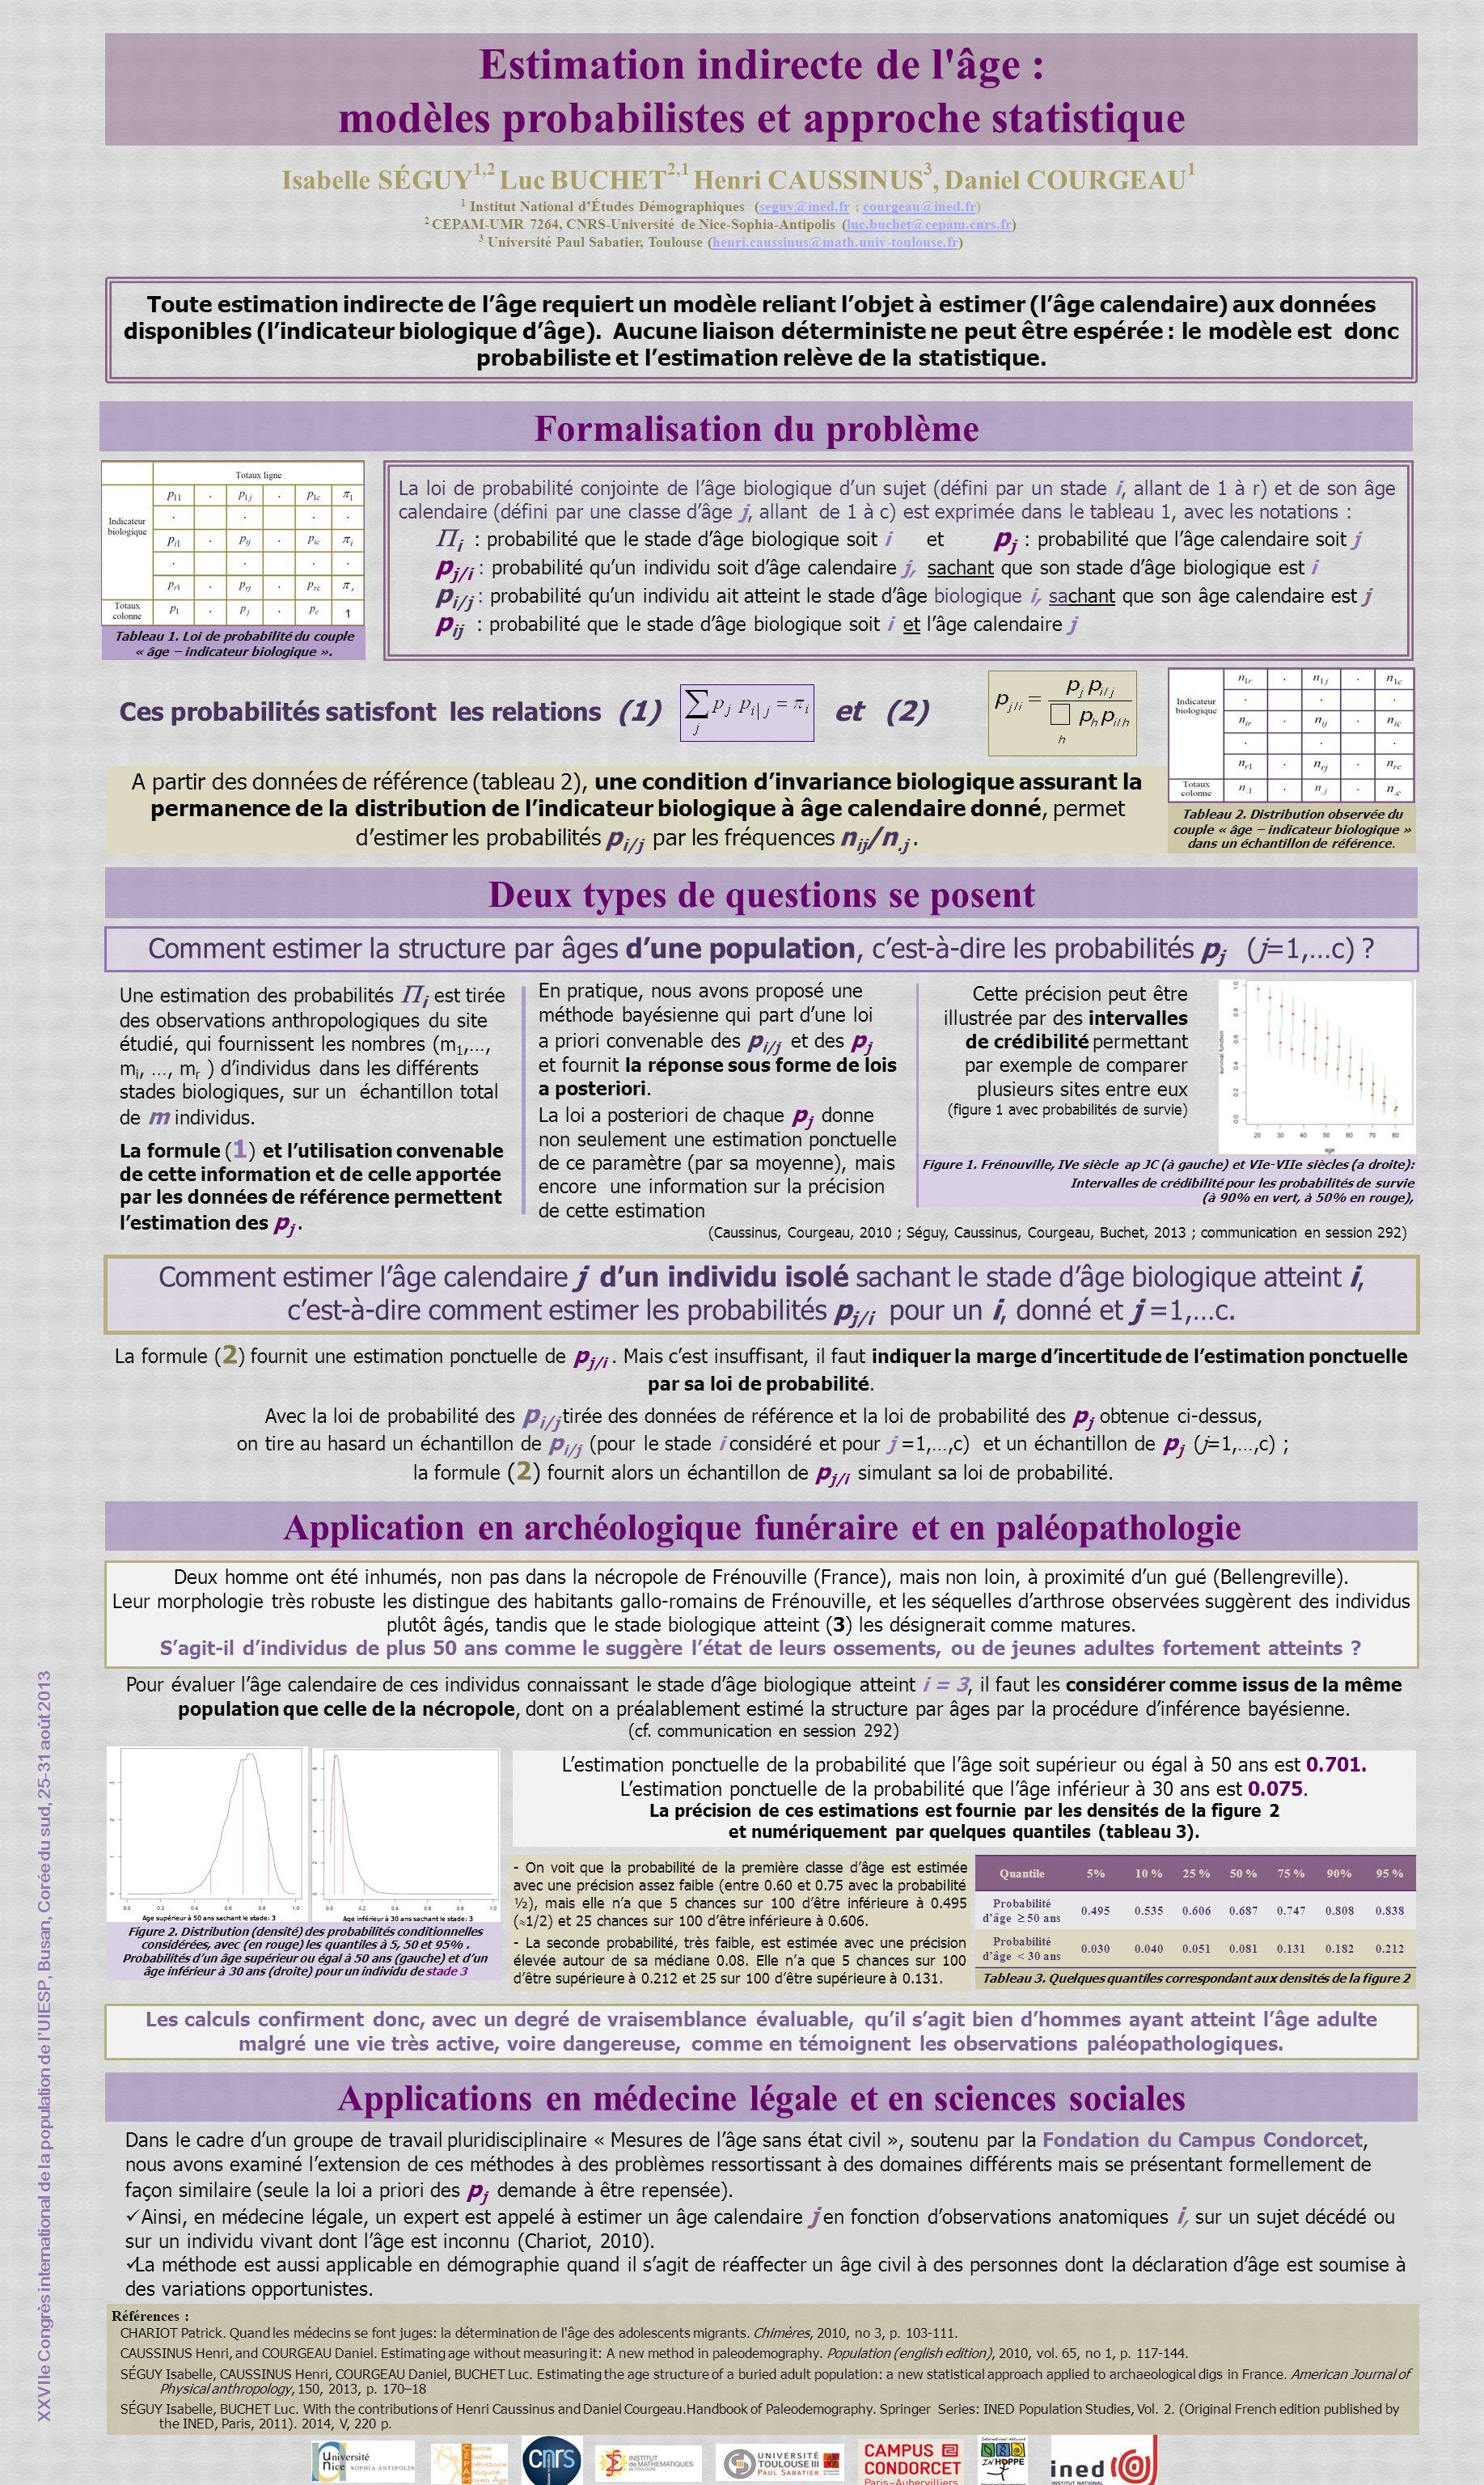 Estimation indirecte de l'âge : modèles probabilistes et approche statistique Isabelle SÉGUY 1,2 Luc BUCHET 2,1 Henri CAUSSINUS 3, Daniel COURGEAU 1 1